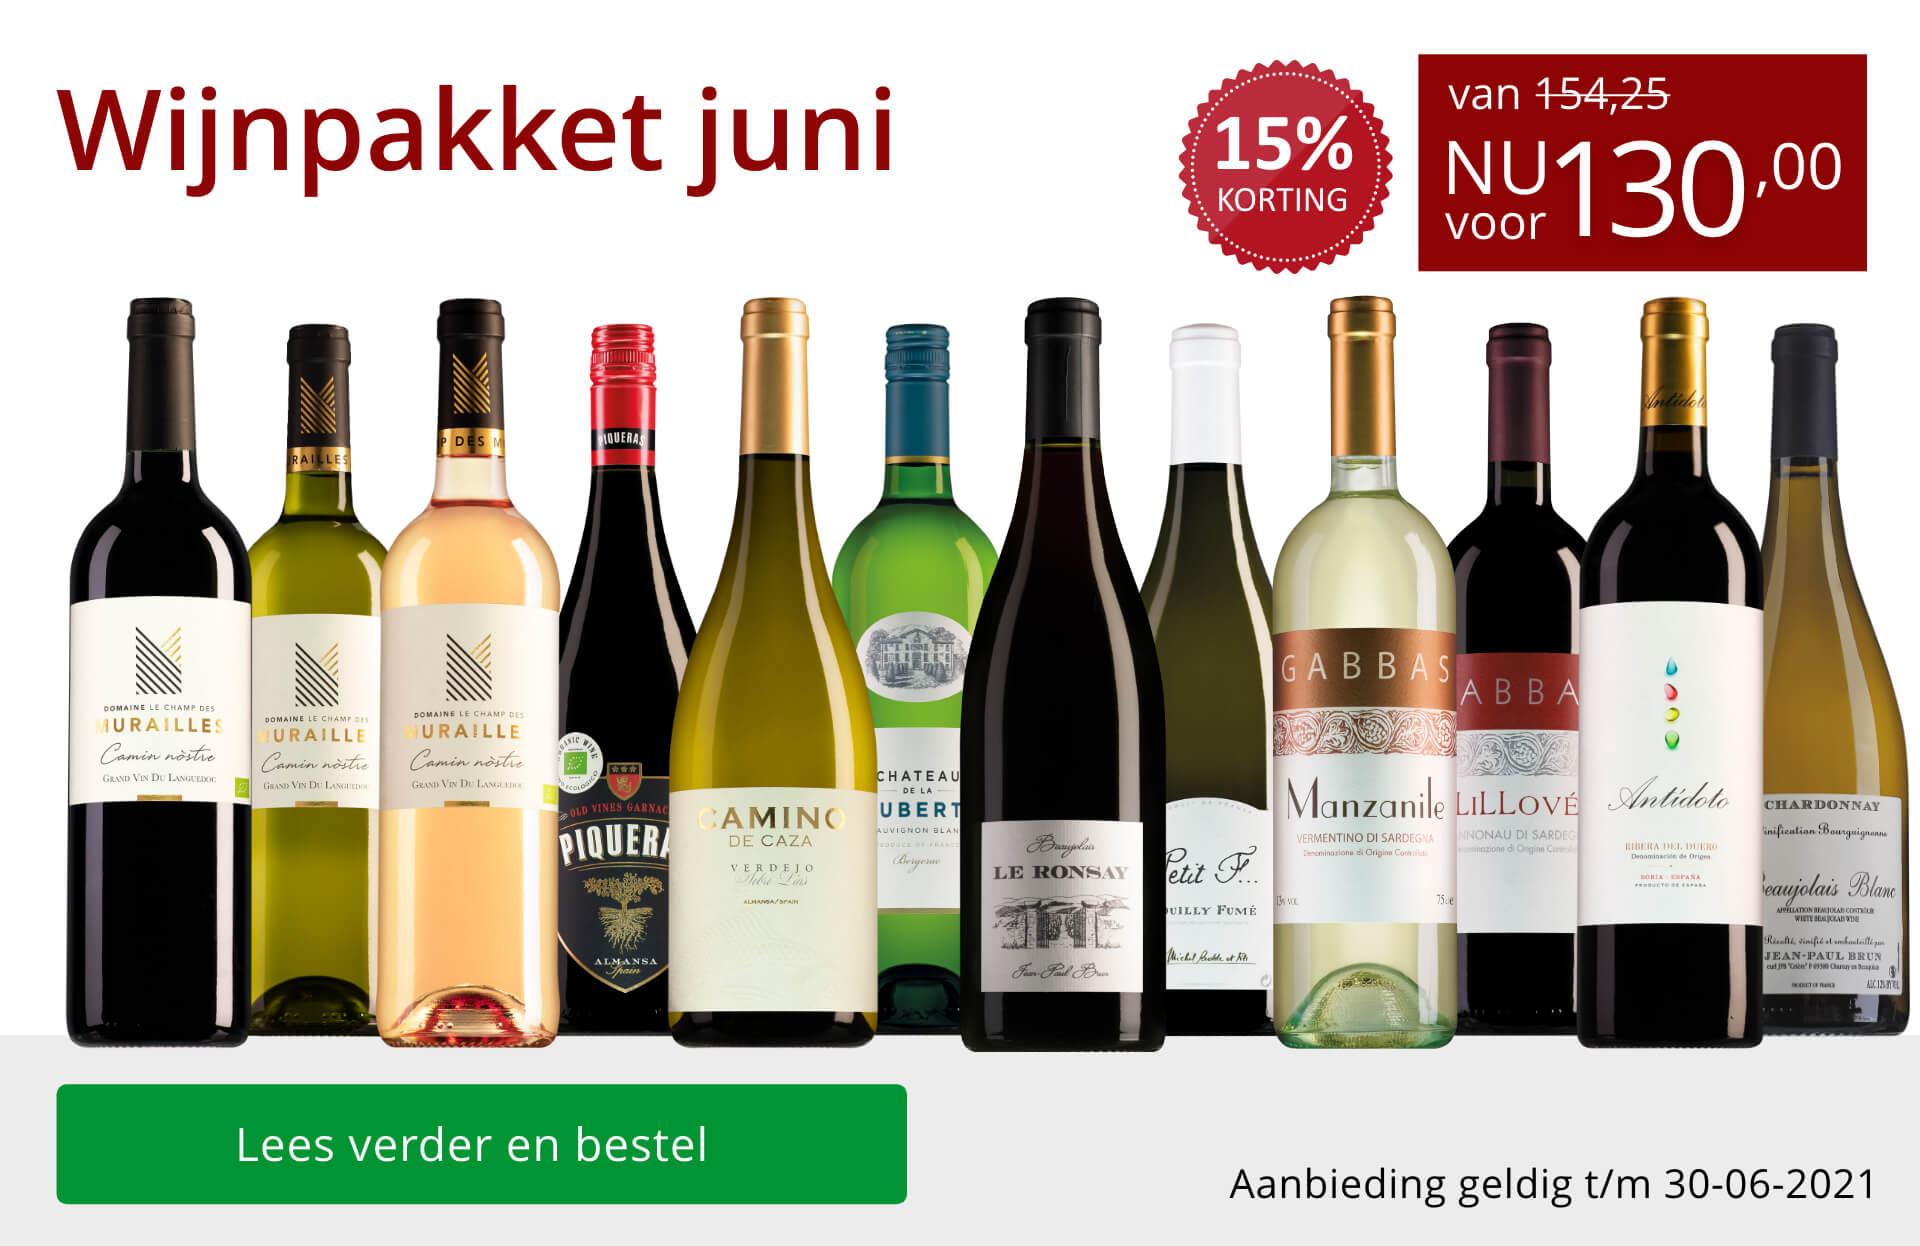 Wijnpakket wijnbericht juni 2021(130,00) - rood